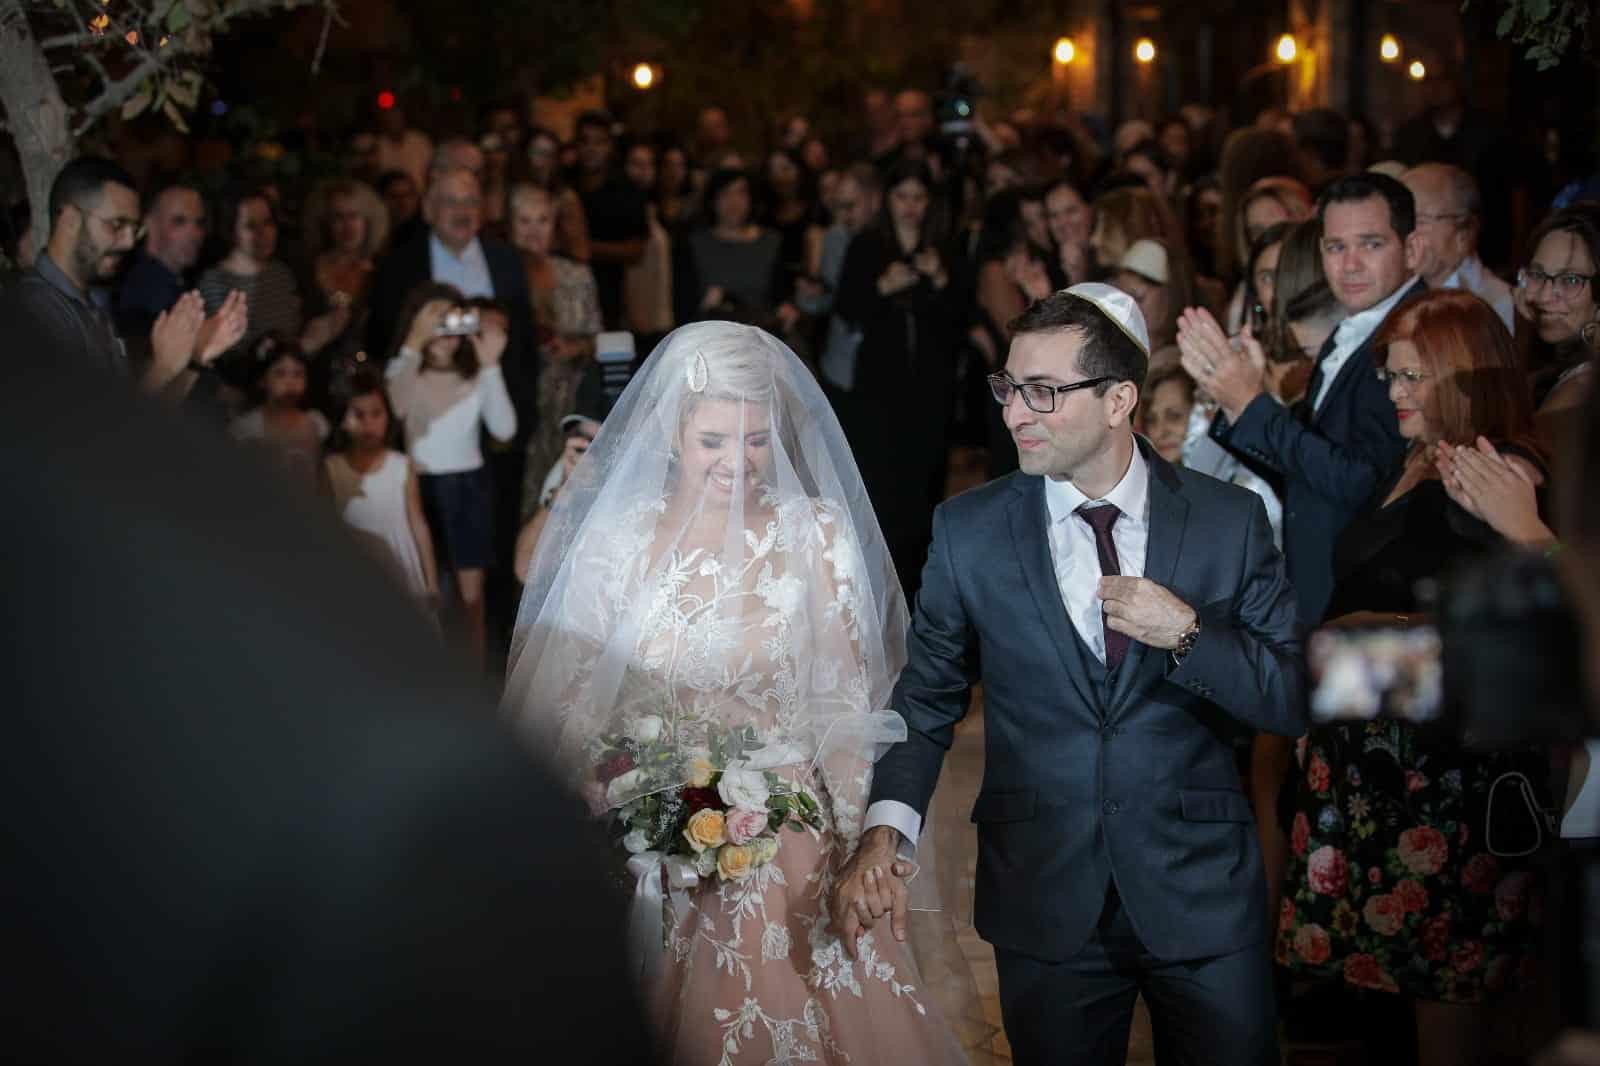 חתונה של קיילא ושלו - גרייס